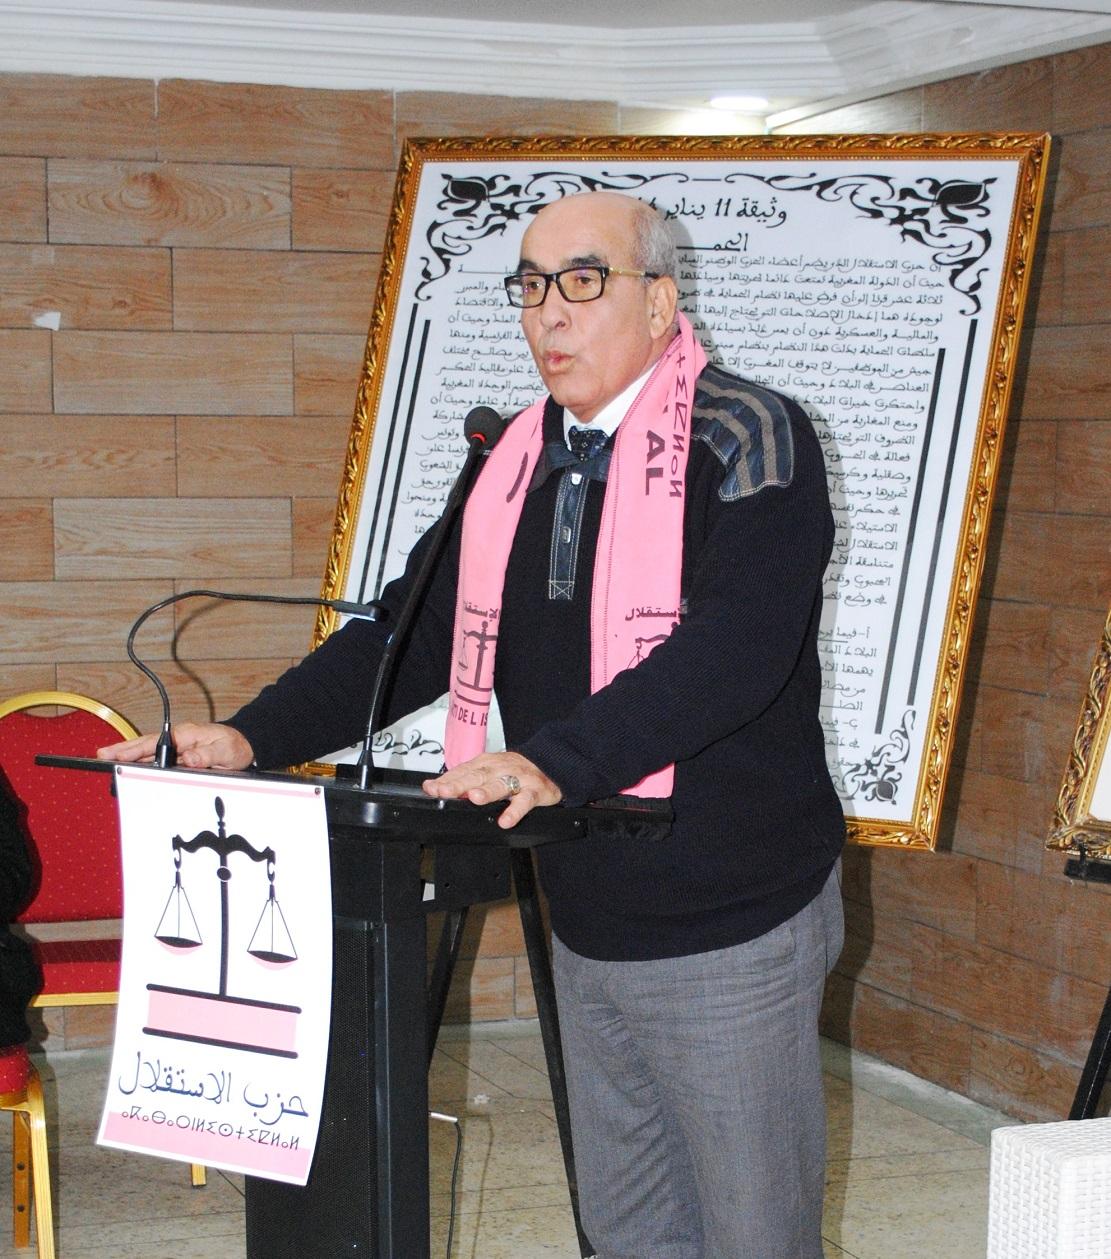 عبد السلام اللبار: تخليد ذكرى 11 يناير مناسبة لربط الماضي بالحاضر